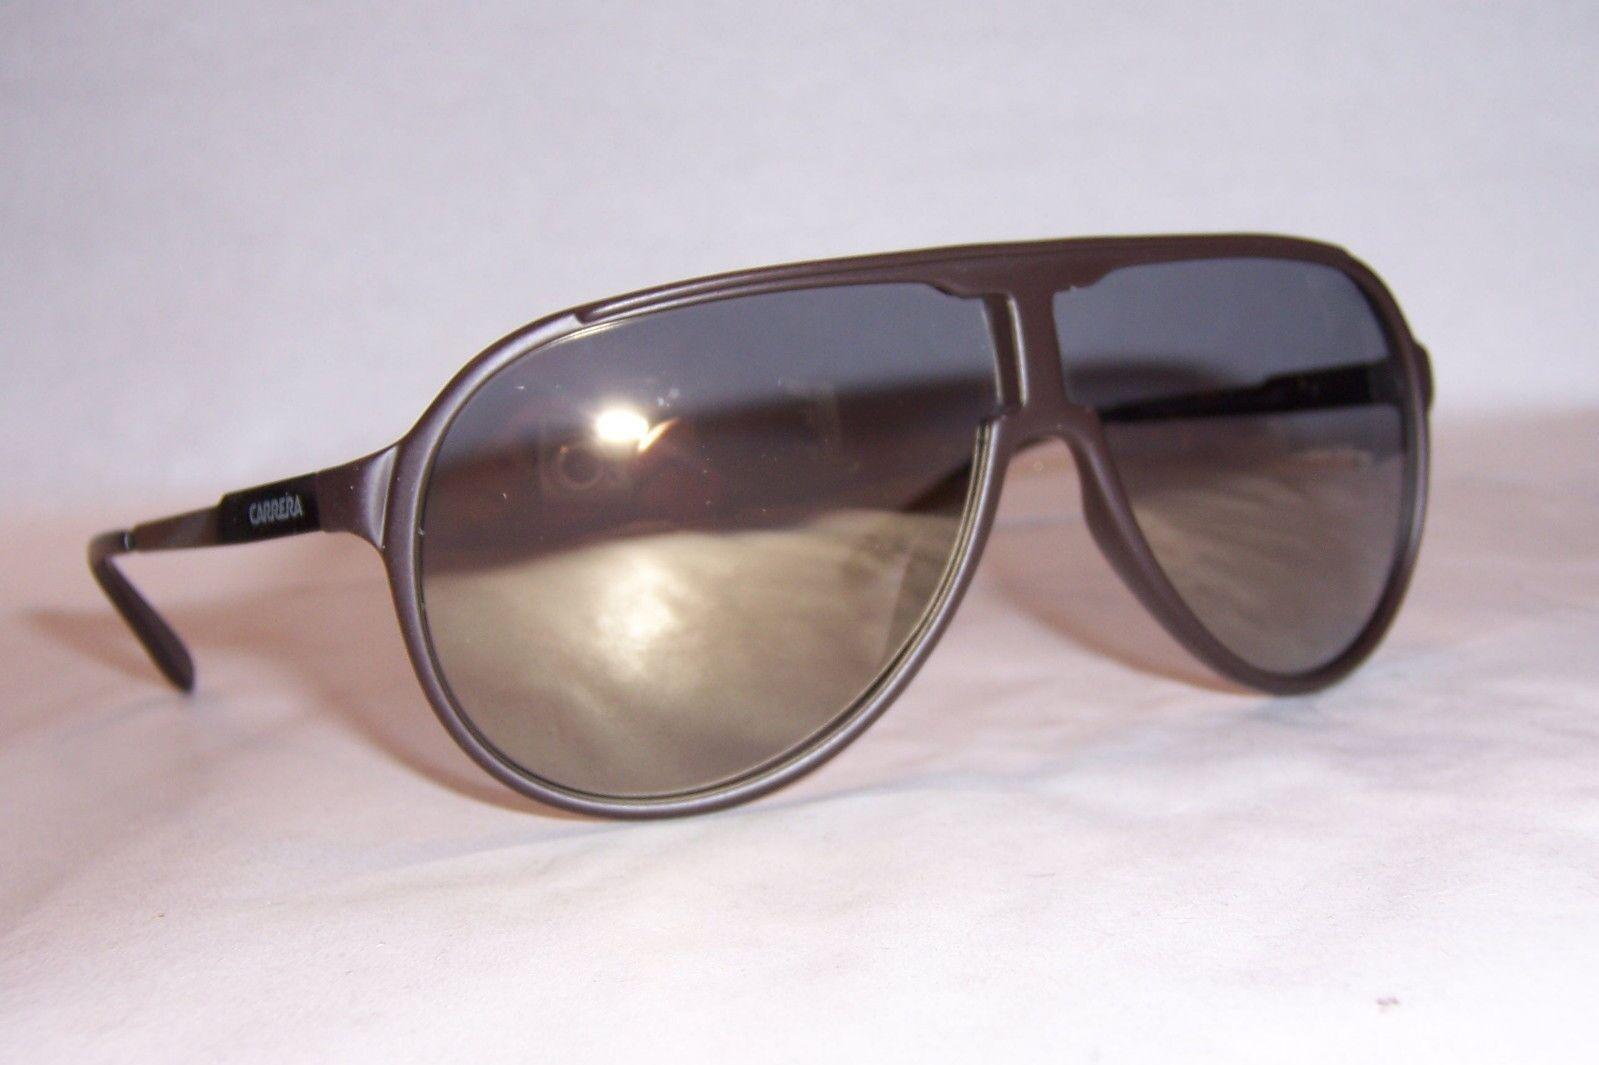 Carrera卡雷拉棕色青铜镜面太阳眼镜墨镜8H7-MV